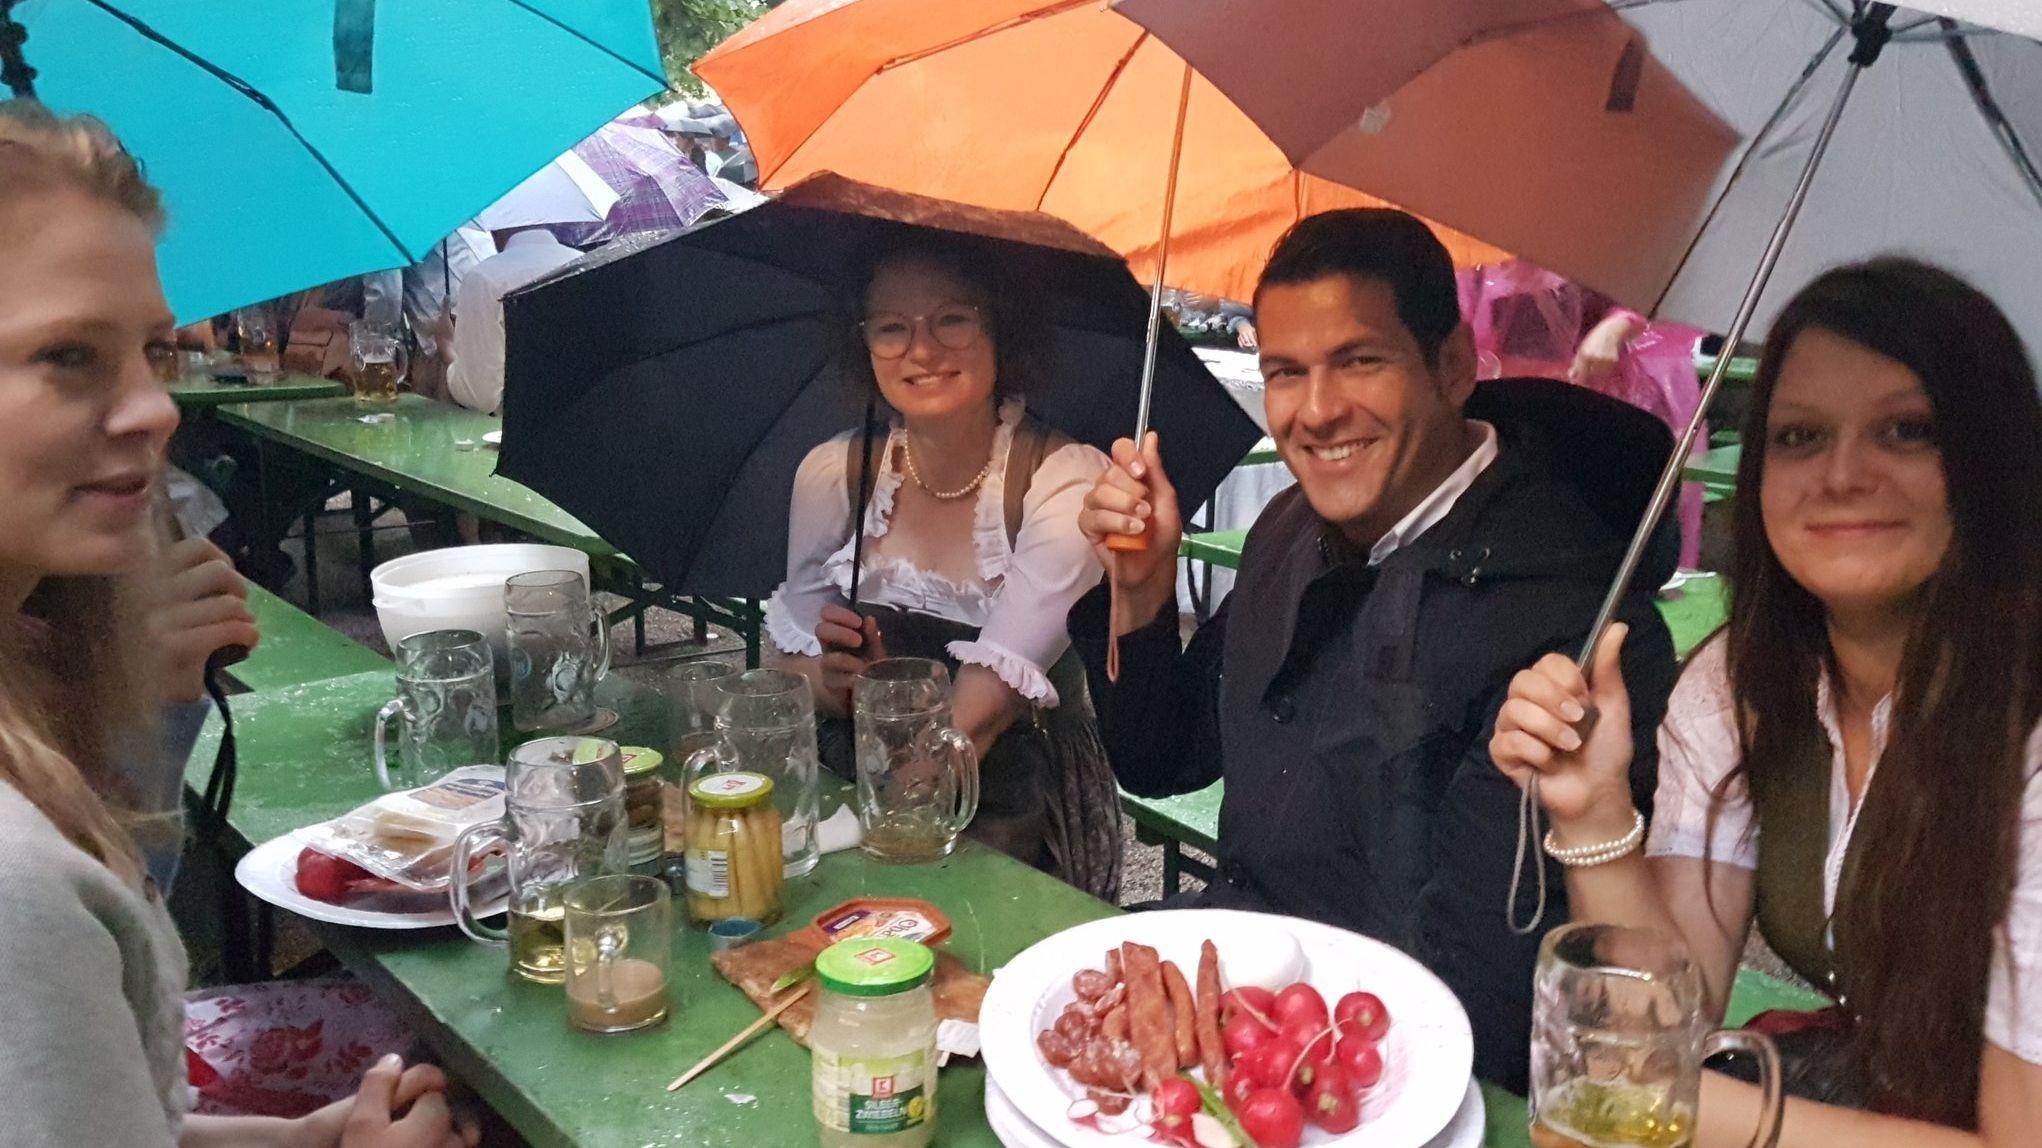 Bier, Brotzeit und Tanzvergnügen trotz Regen: Der Kocherlball in München am 21.07.2019.